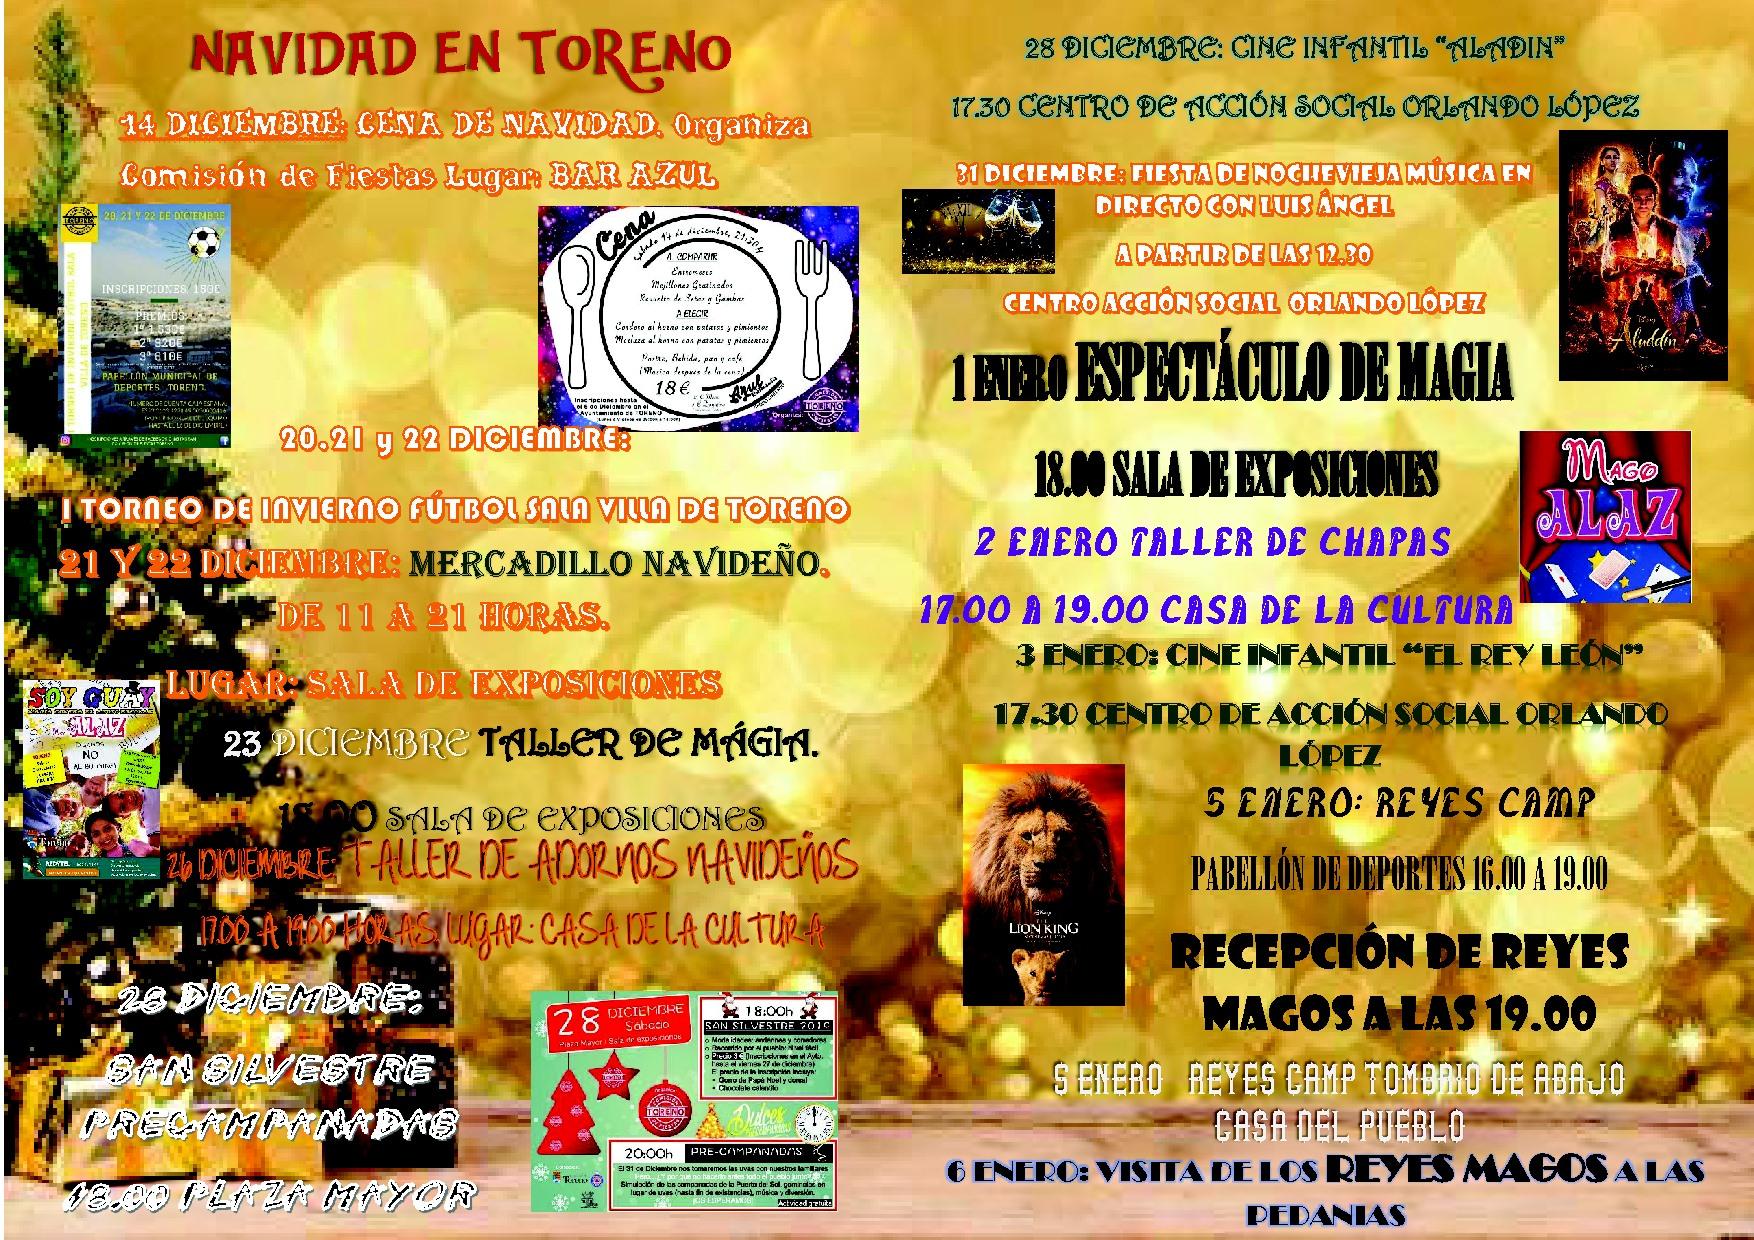 Navidad en Toreno 2019. programa y actividades 3